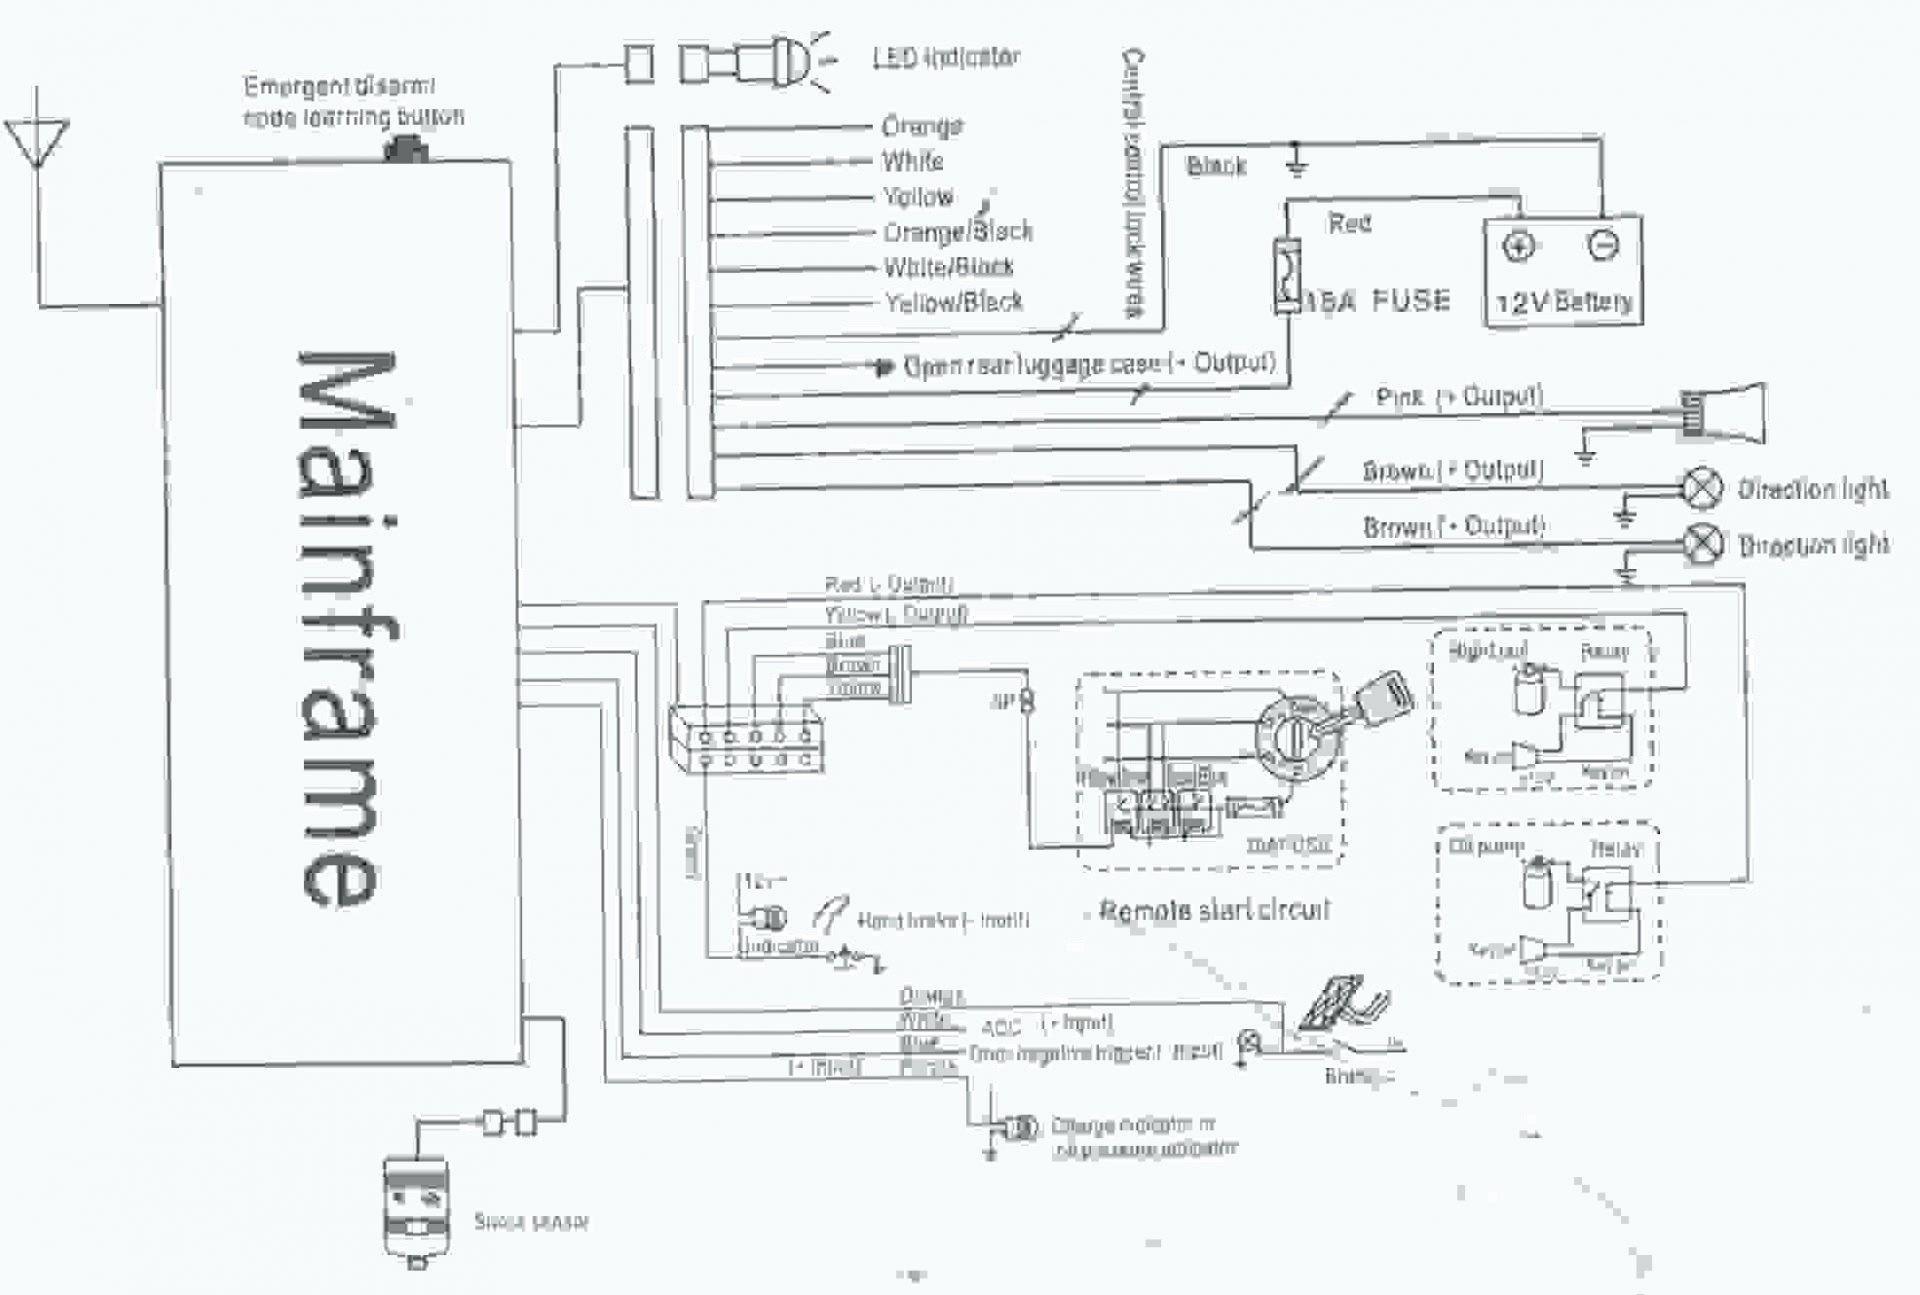 Steelmate Car Alarm Wiring Diagram Diagram] Bulldog Security Wiring Diagrams Rs82b Full Version Of Steelmate Car Alarm Wiring Diagram